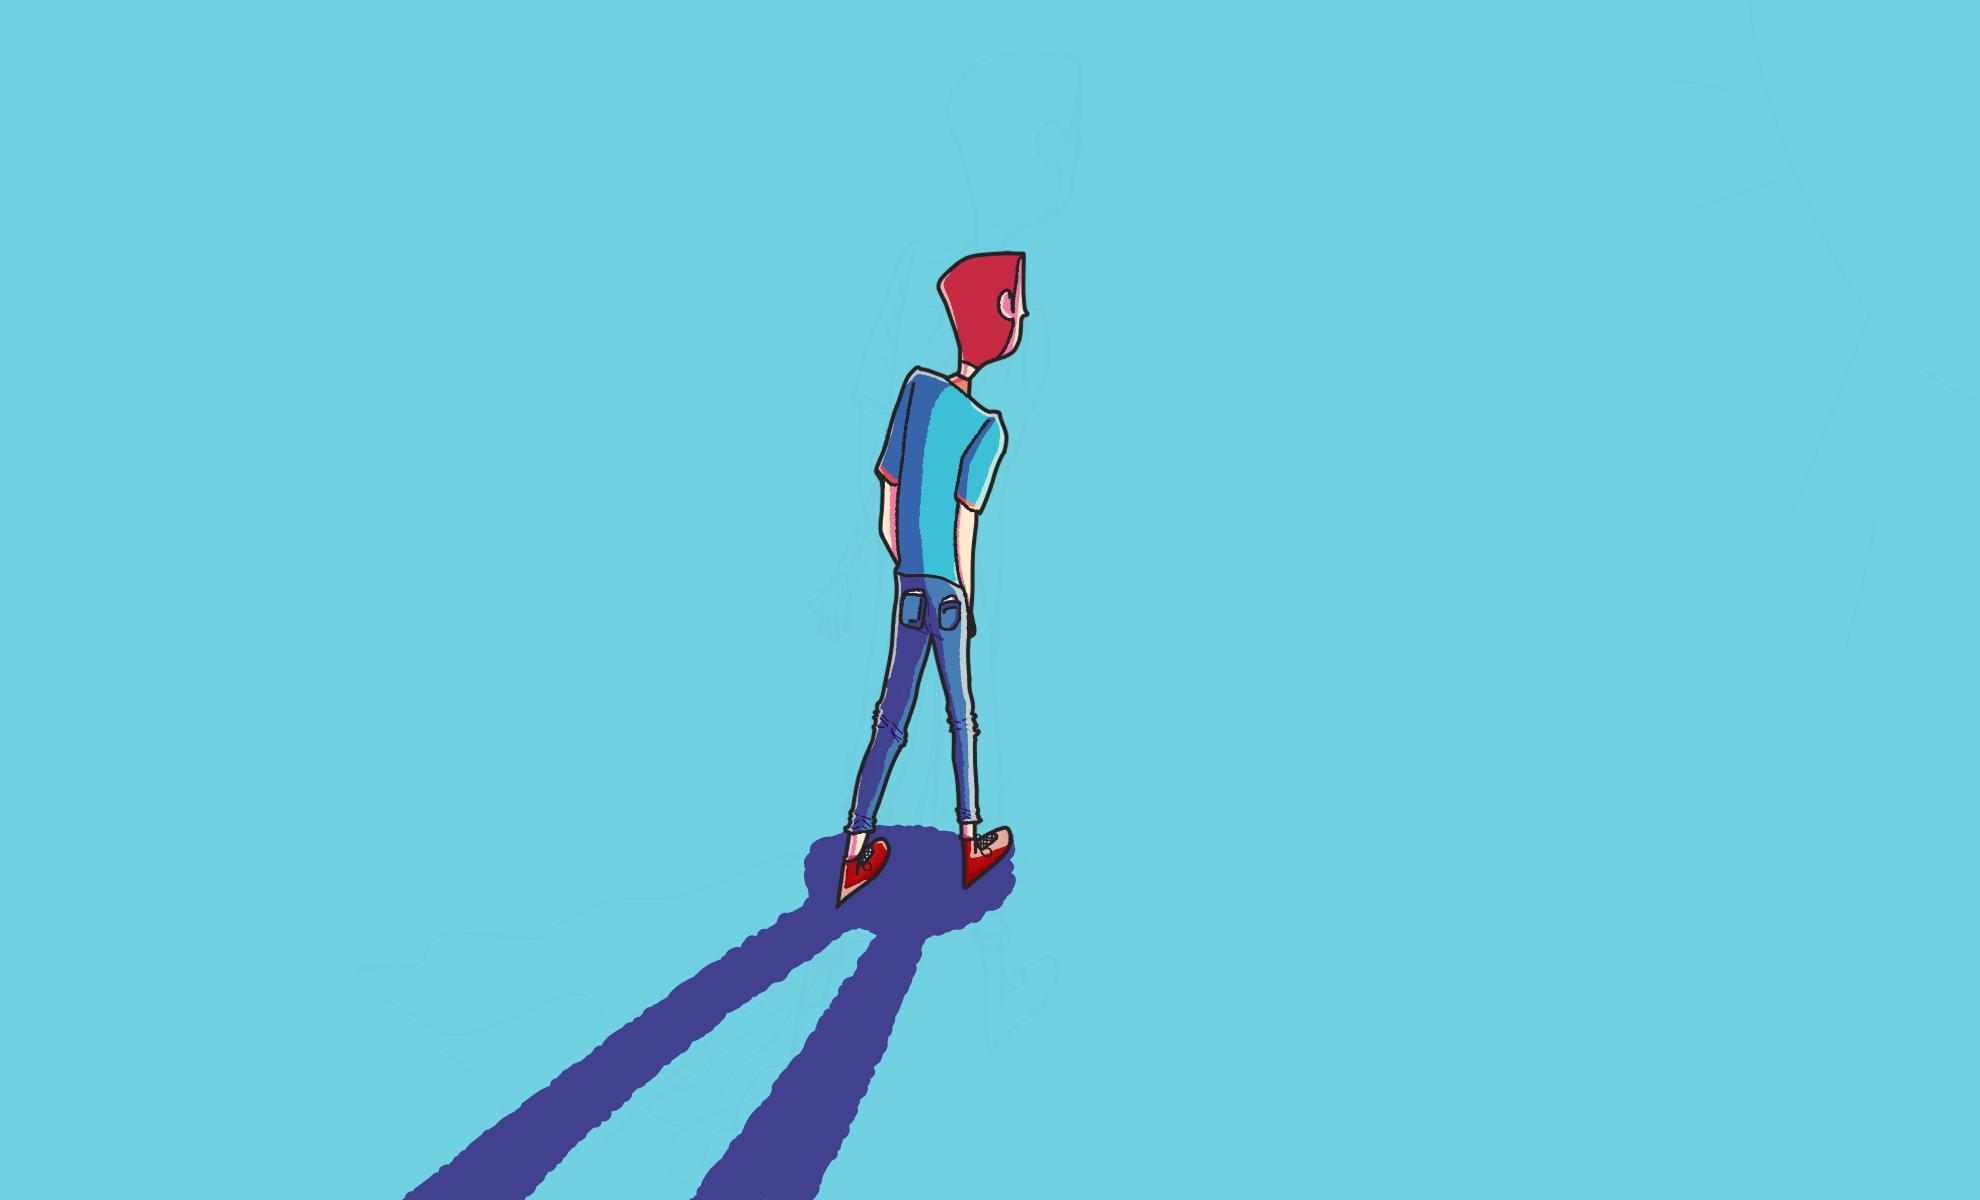 WALKING THRU THE BLU